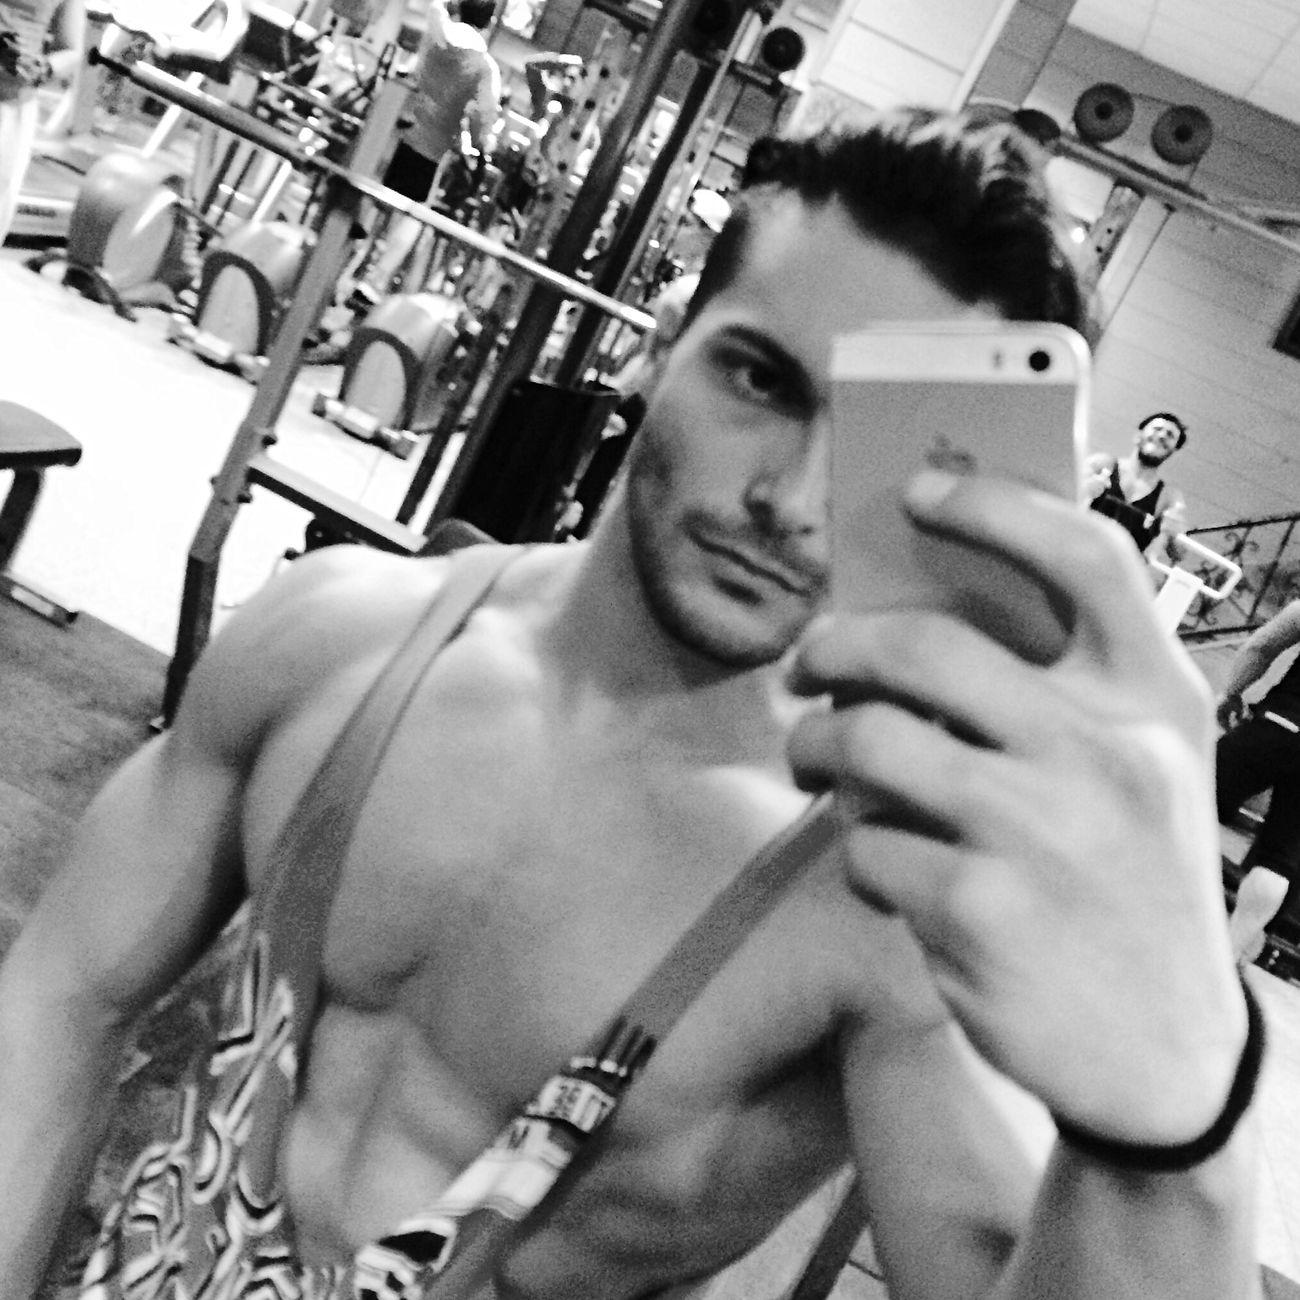 Good Workout Workout#gym#fitness Shahabkashefi